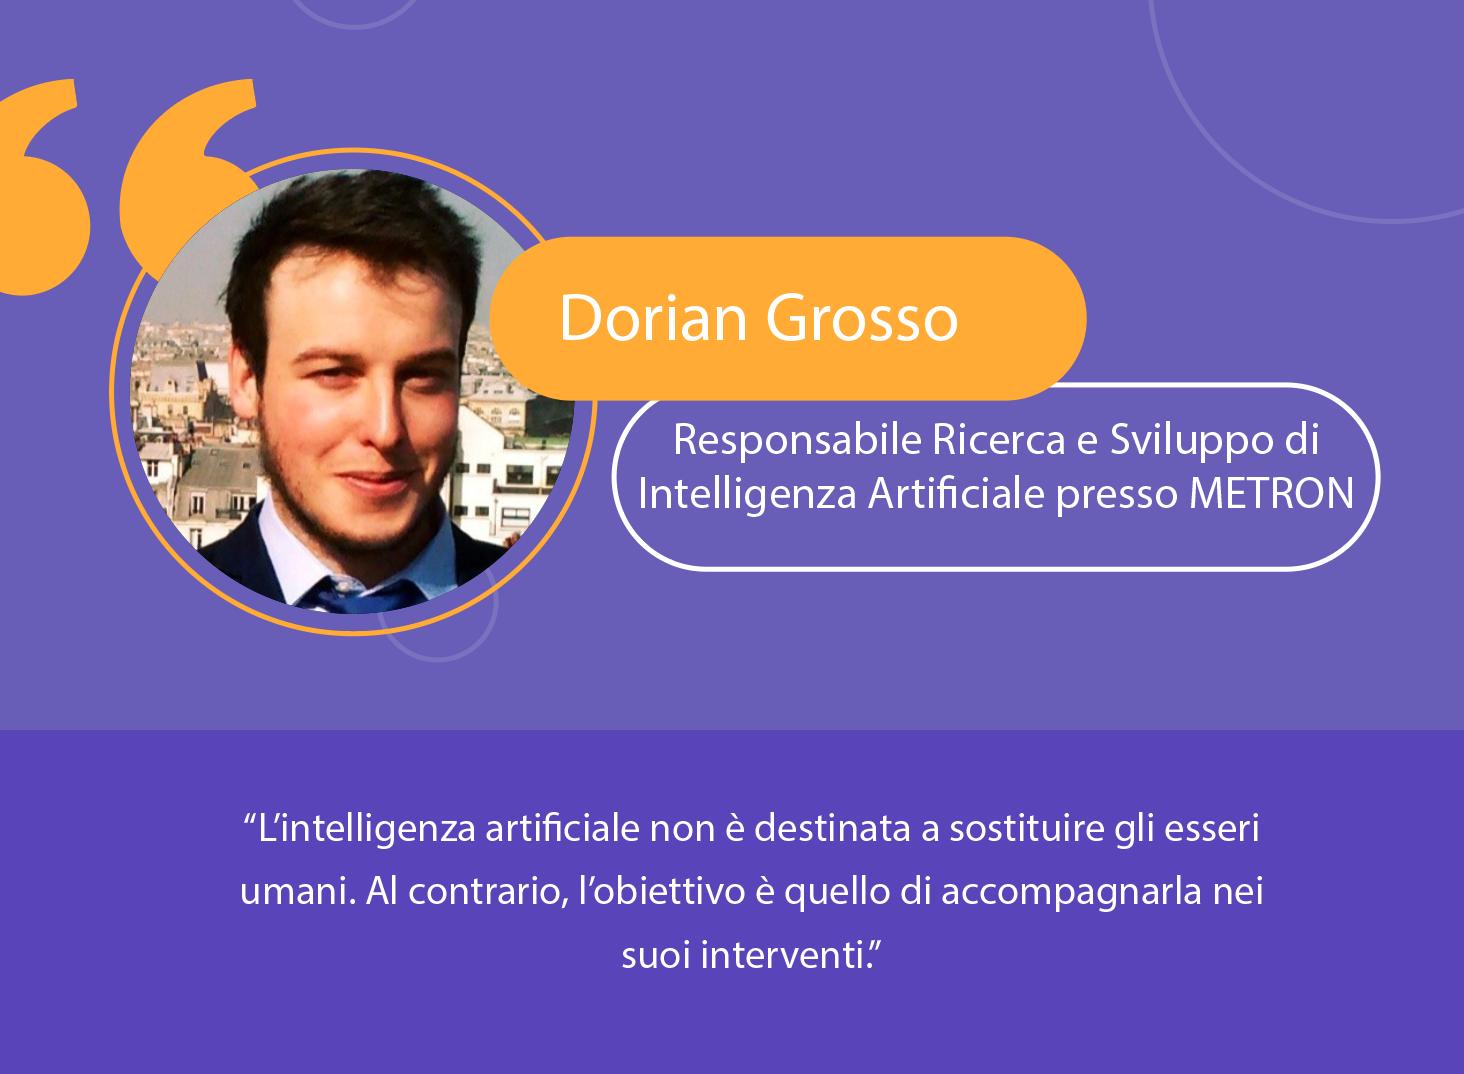 Industria: l'intelligenza artificiale come complemento all'uomo